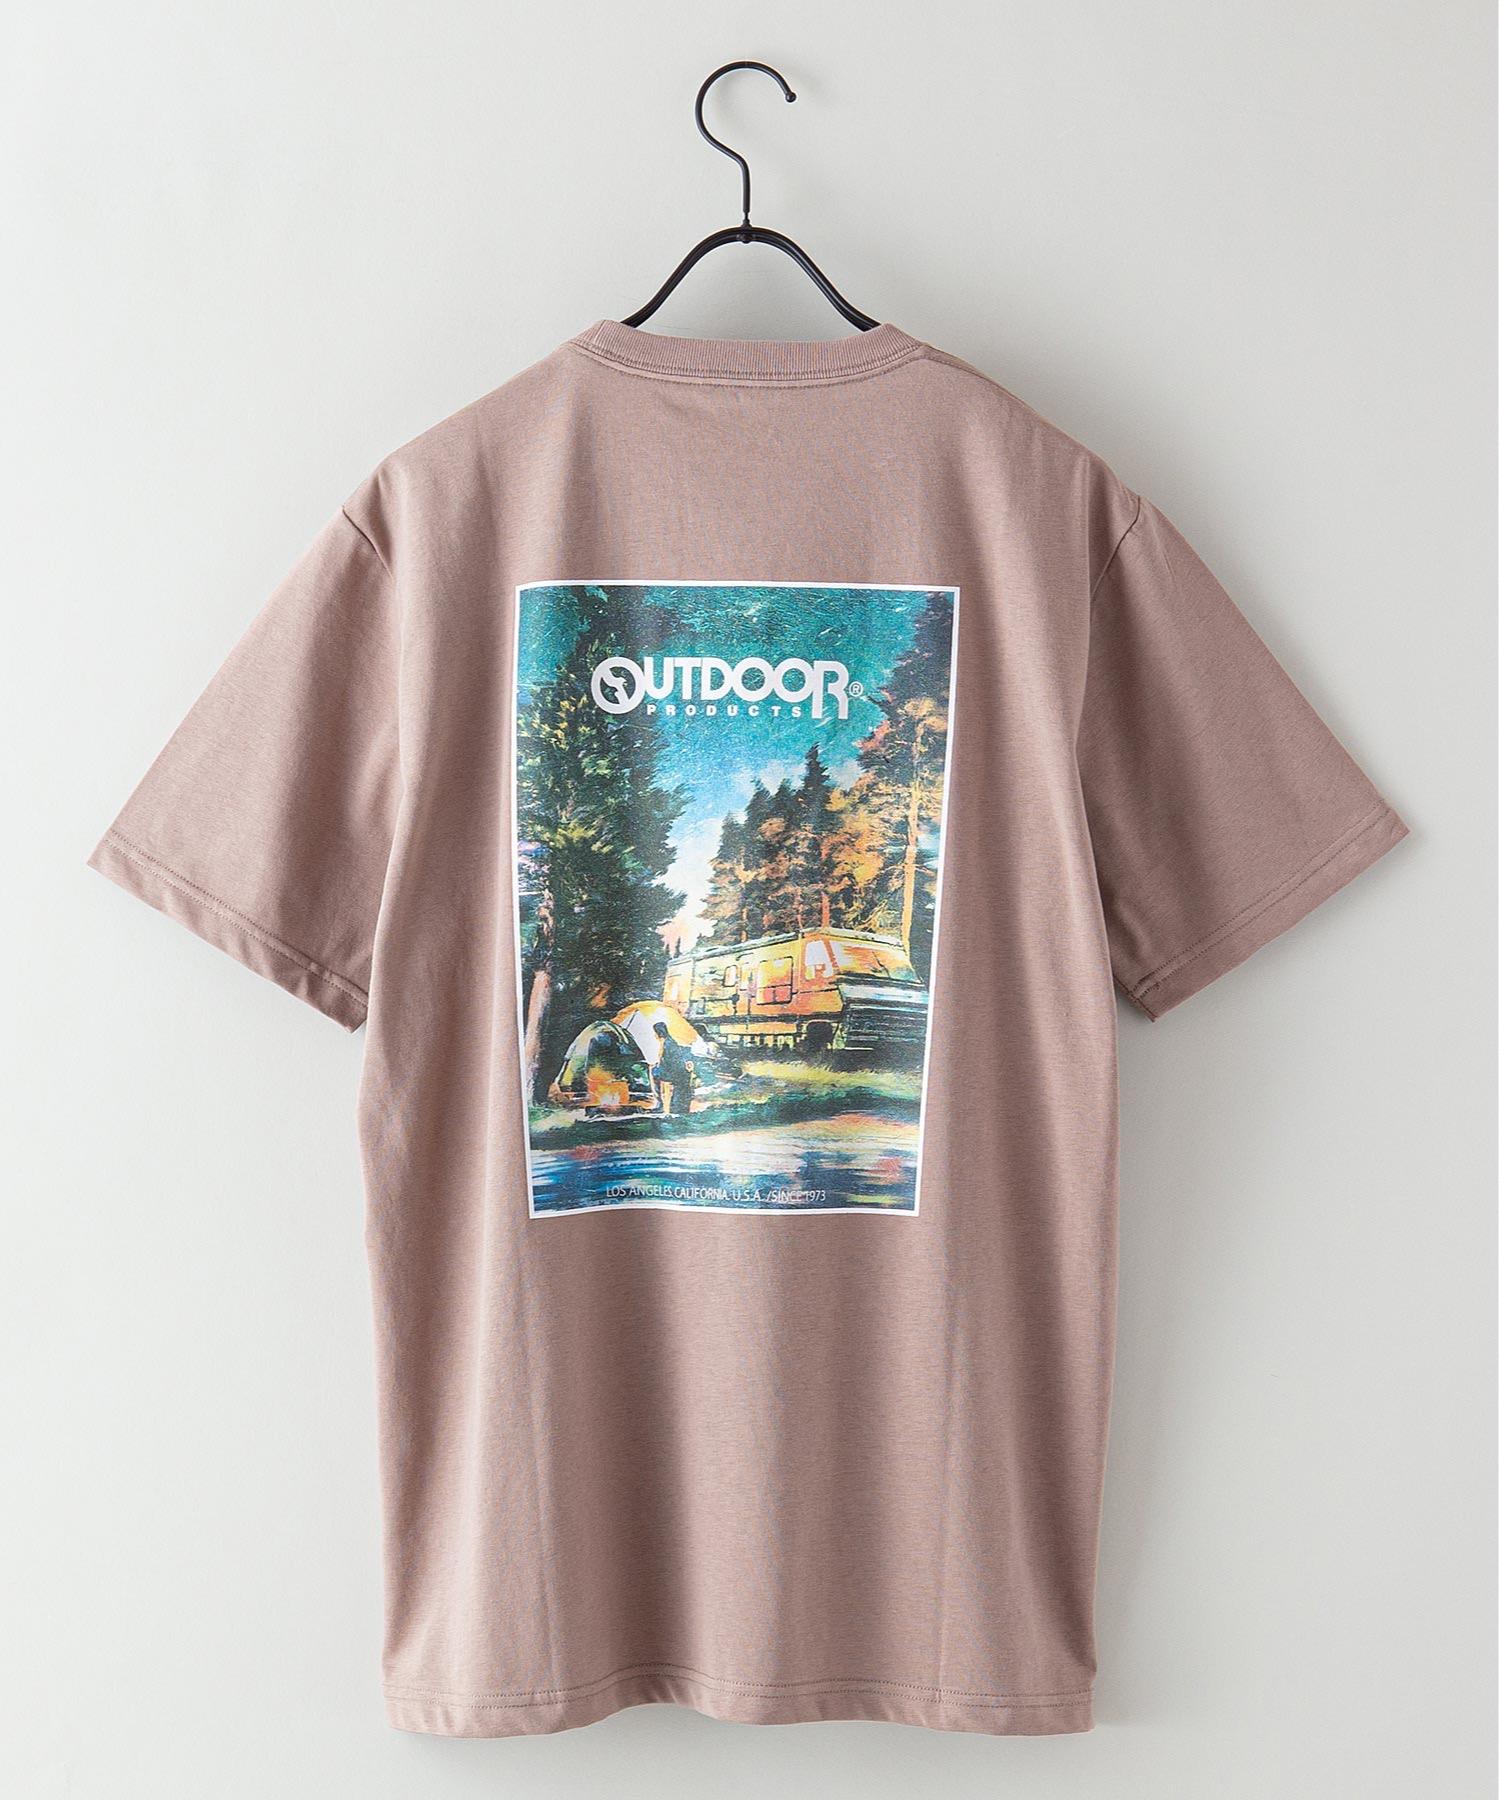 ドライ機能付き(速乾機能)CAMPモチーフグラフィックバックプリントワンポイントブランドロゴTシャツ